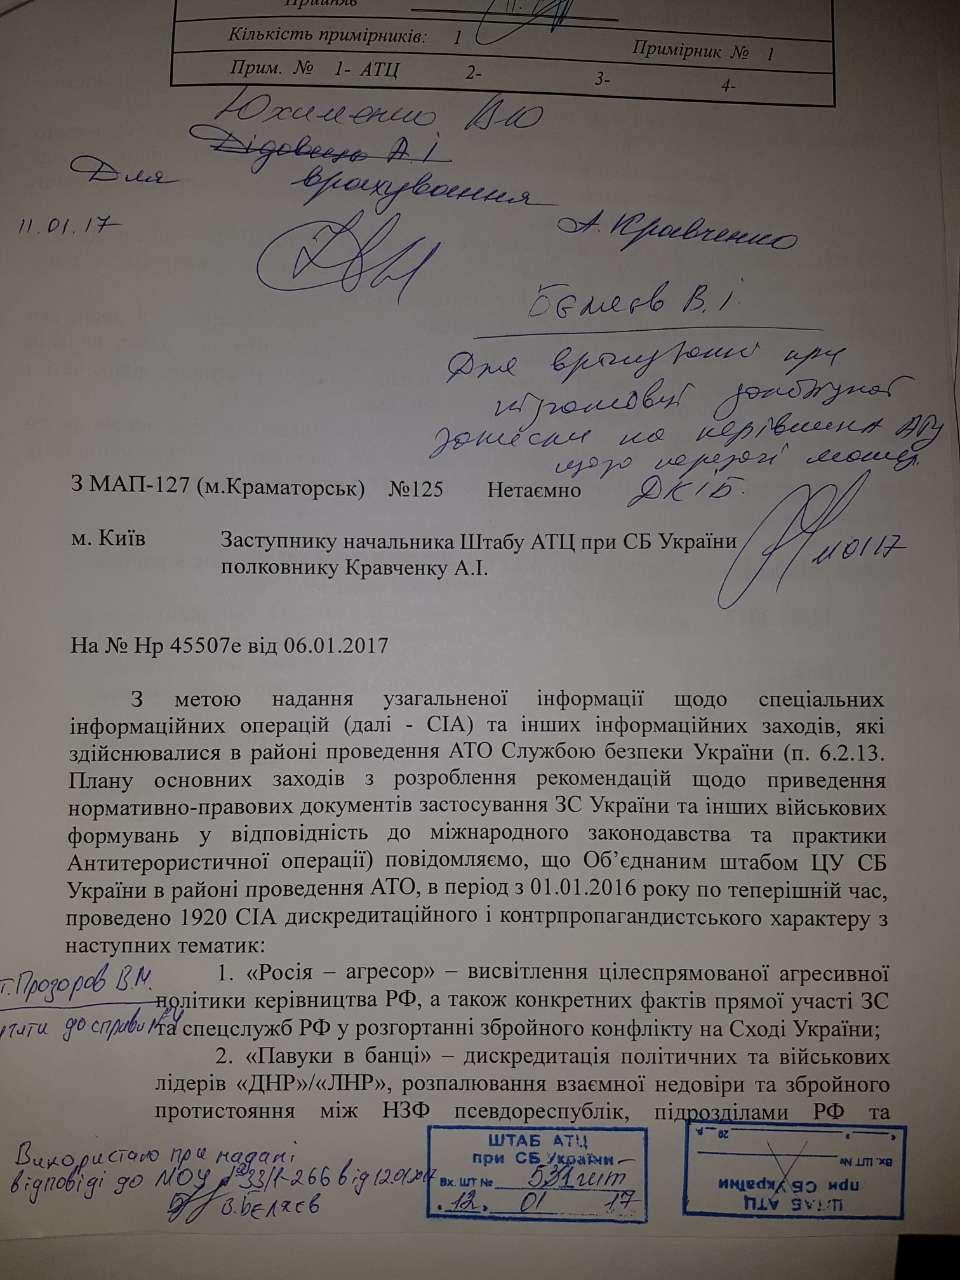 Rapport sur les opérations spéciales d'information du SBU (page 1)